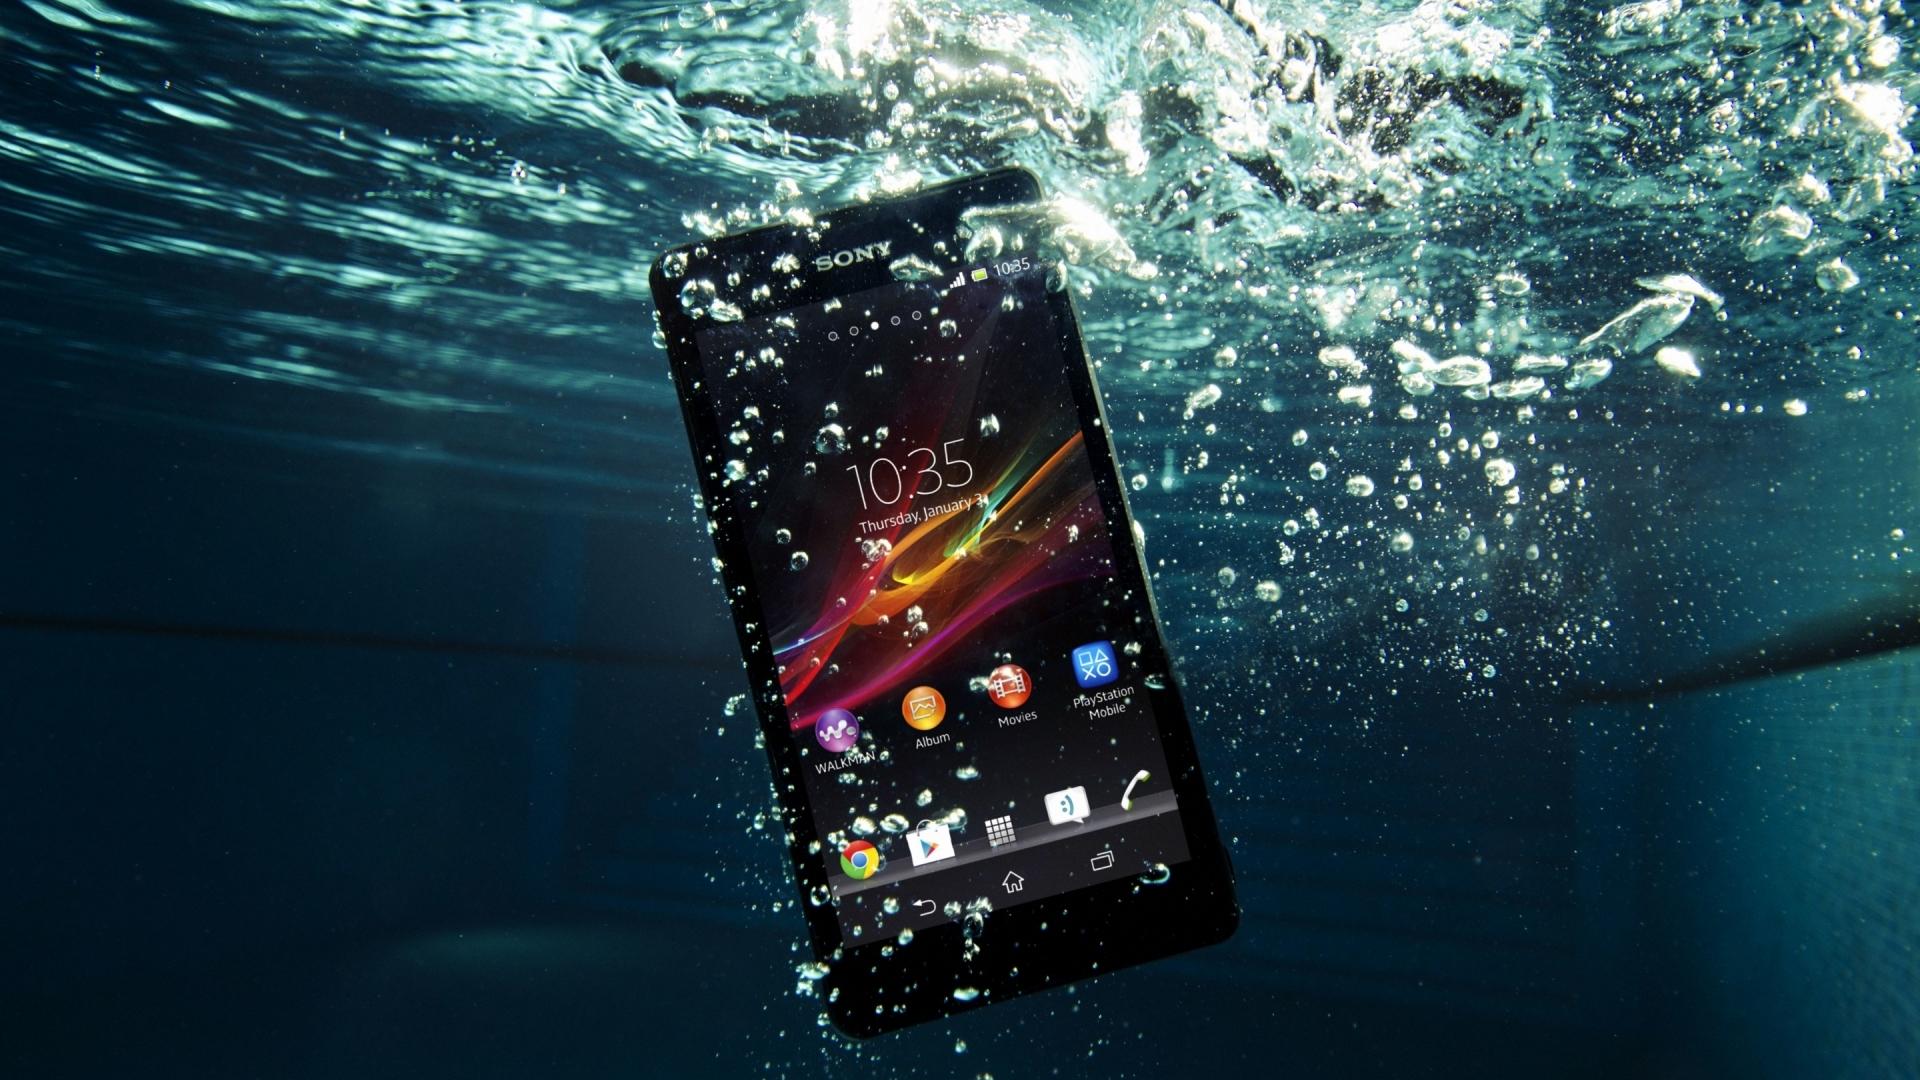 top10-smartfonov-po-nominaciyam-smartfon-pod-vodojj